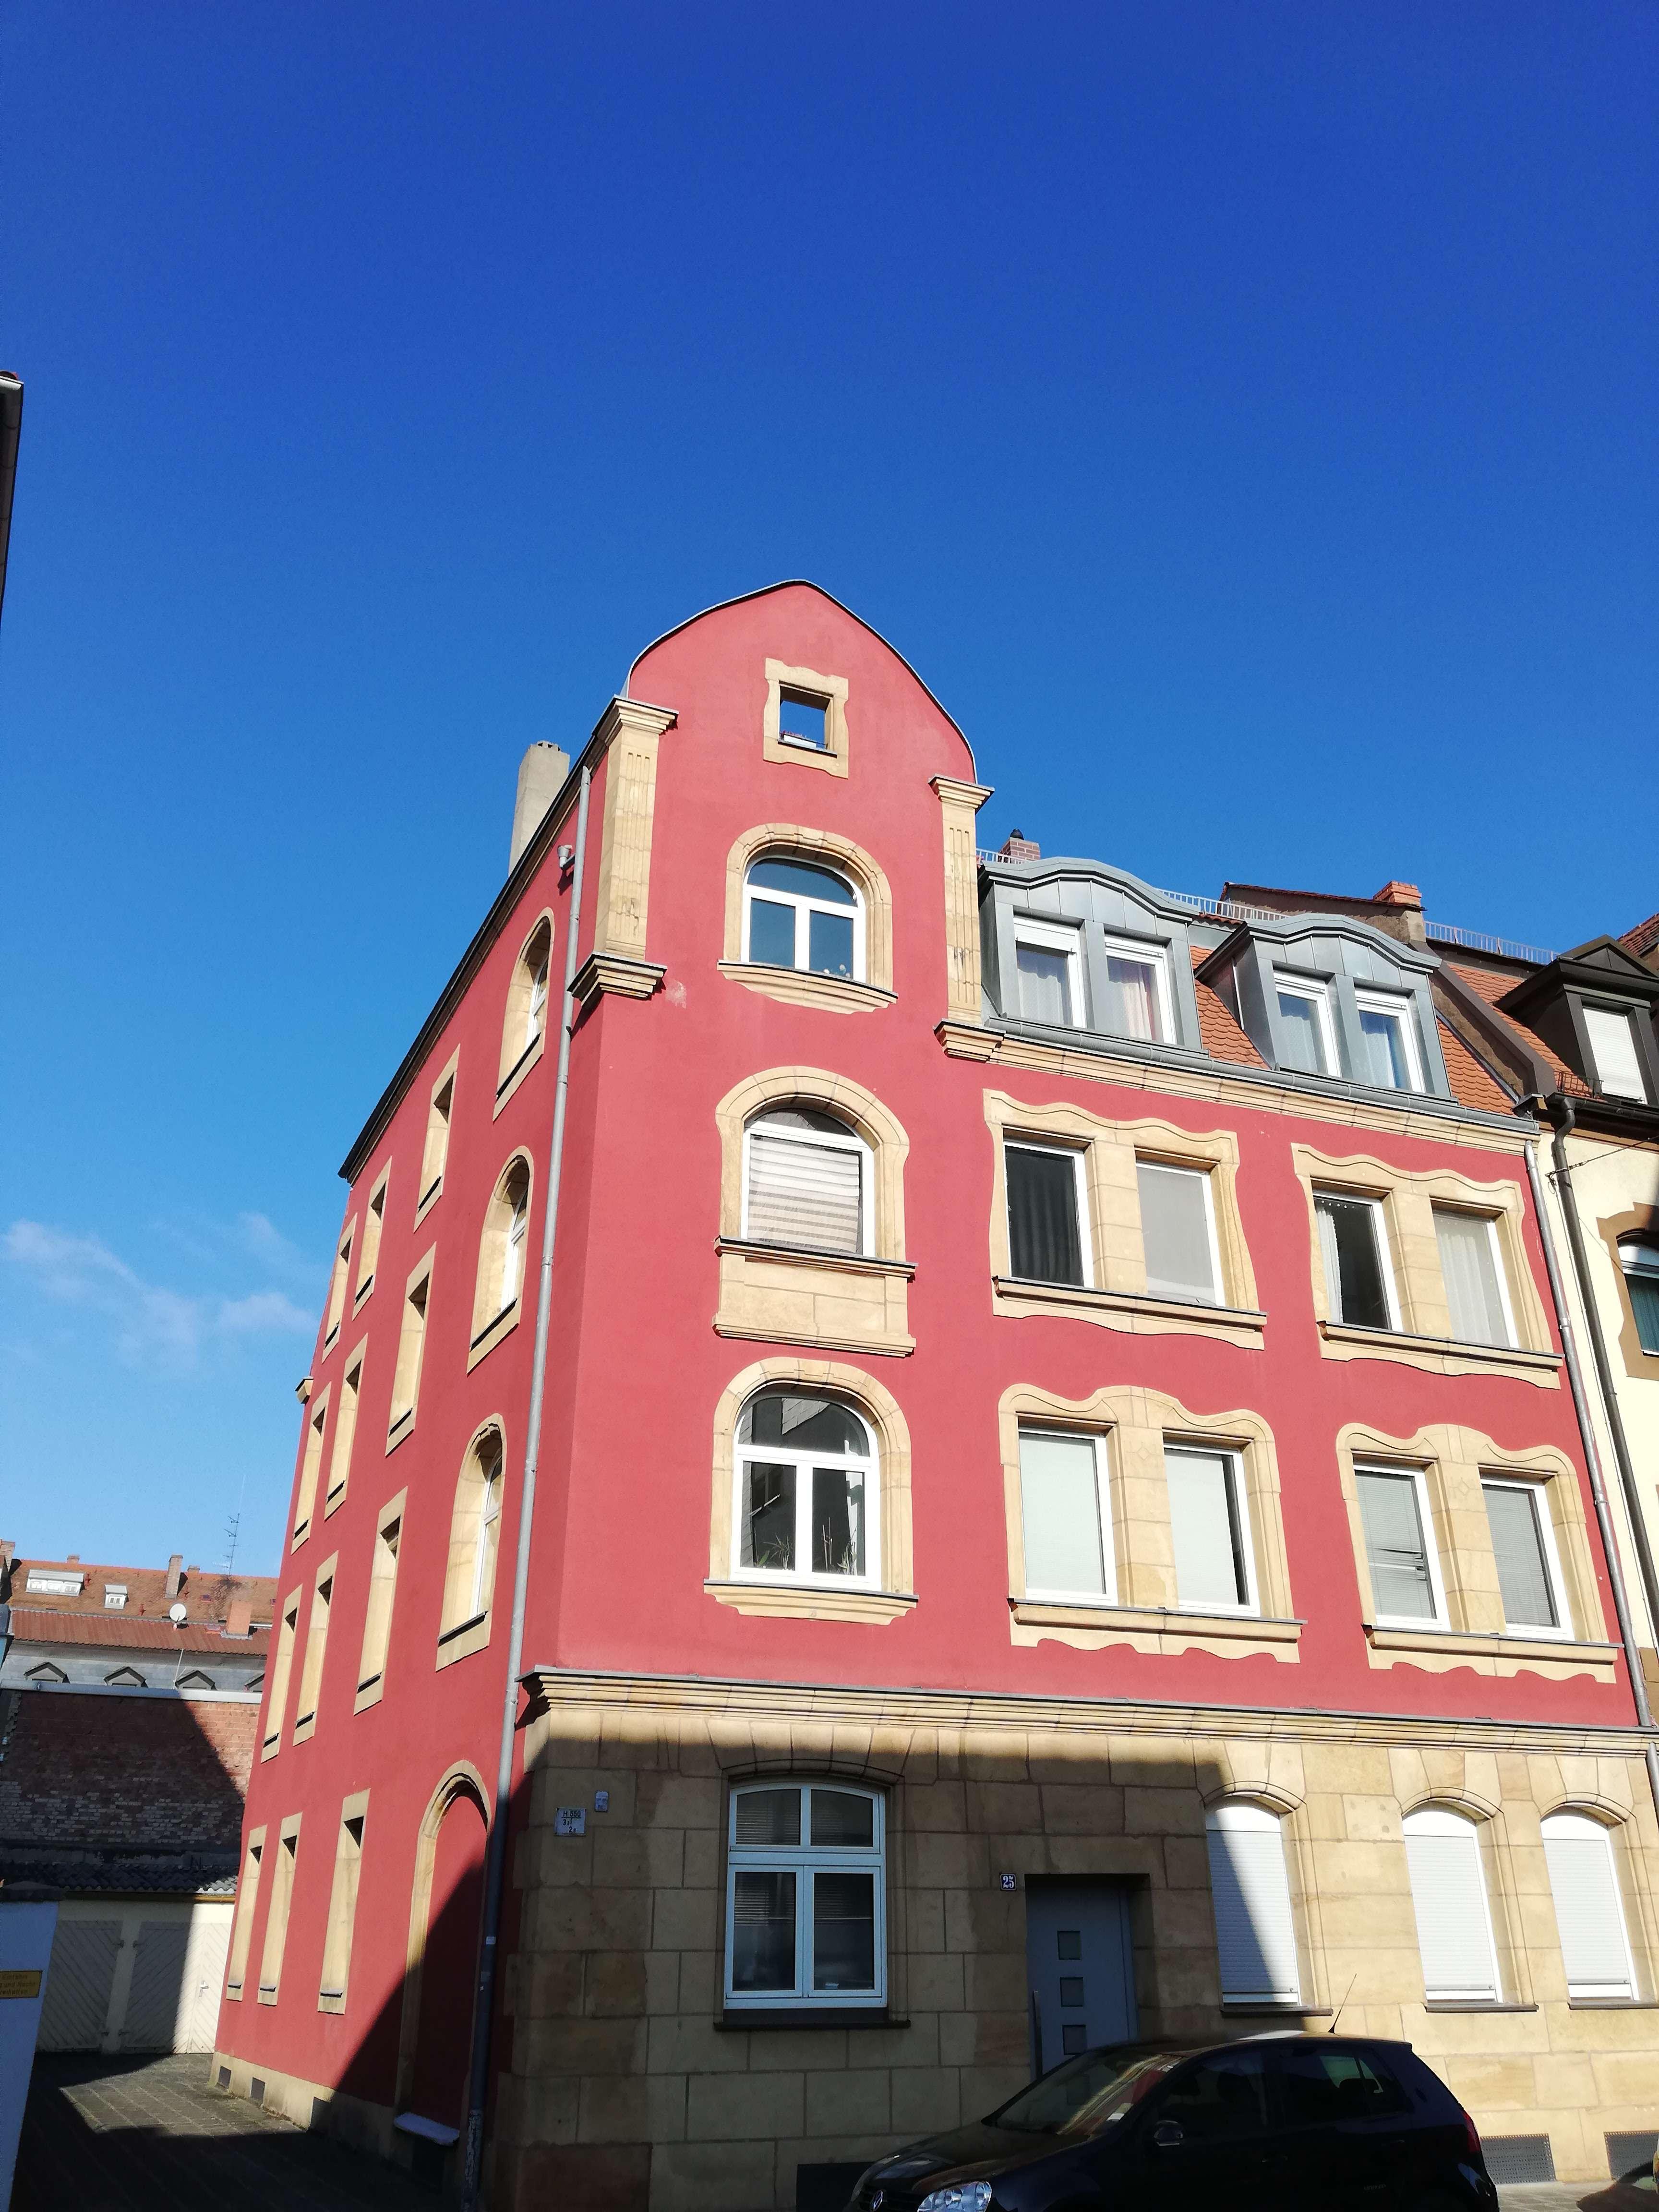 Schöne helle Altbauwohnung in Gärten b Wöhrd! 3-Zimmer-Wohnung mit Garage, ohne Makler! in Veilhof (Nürnberg)